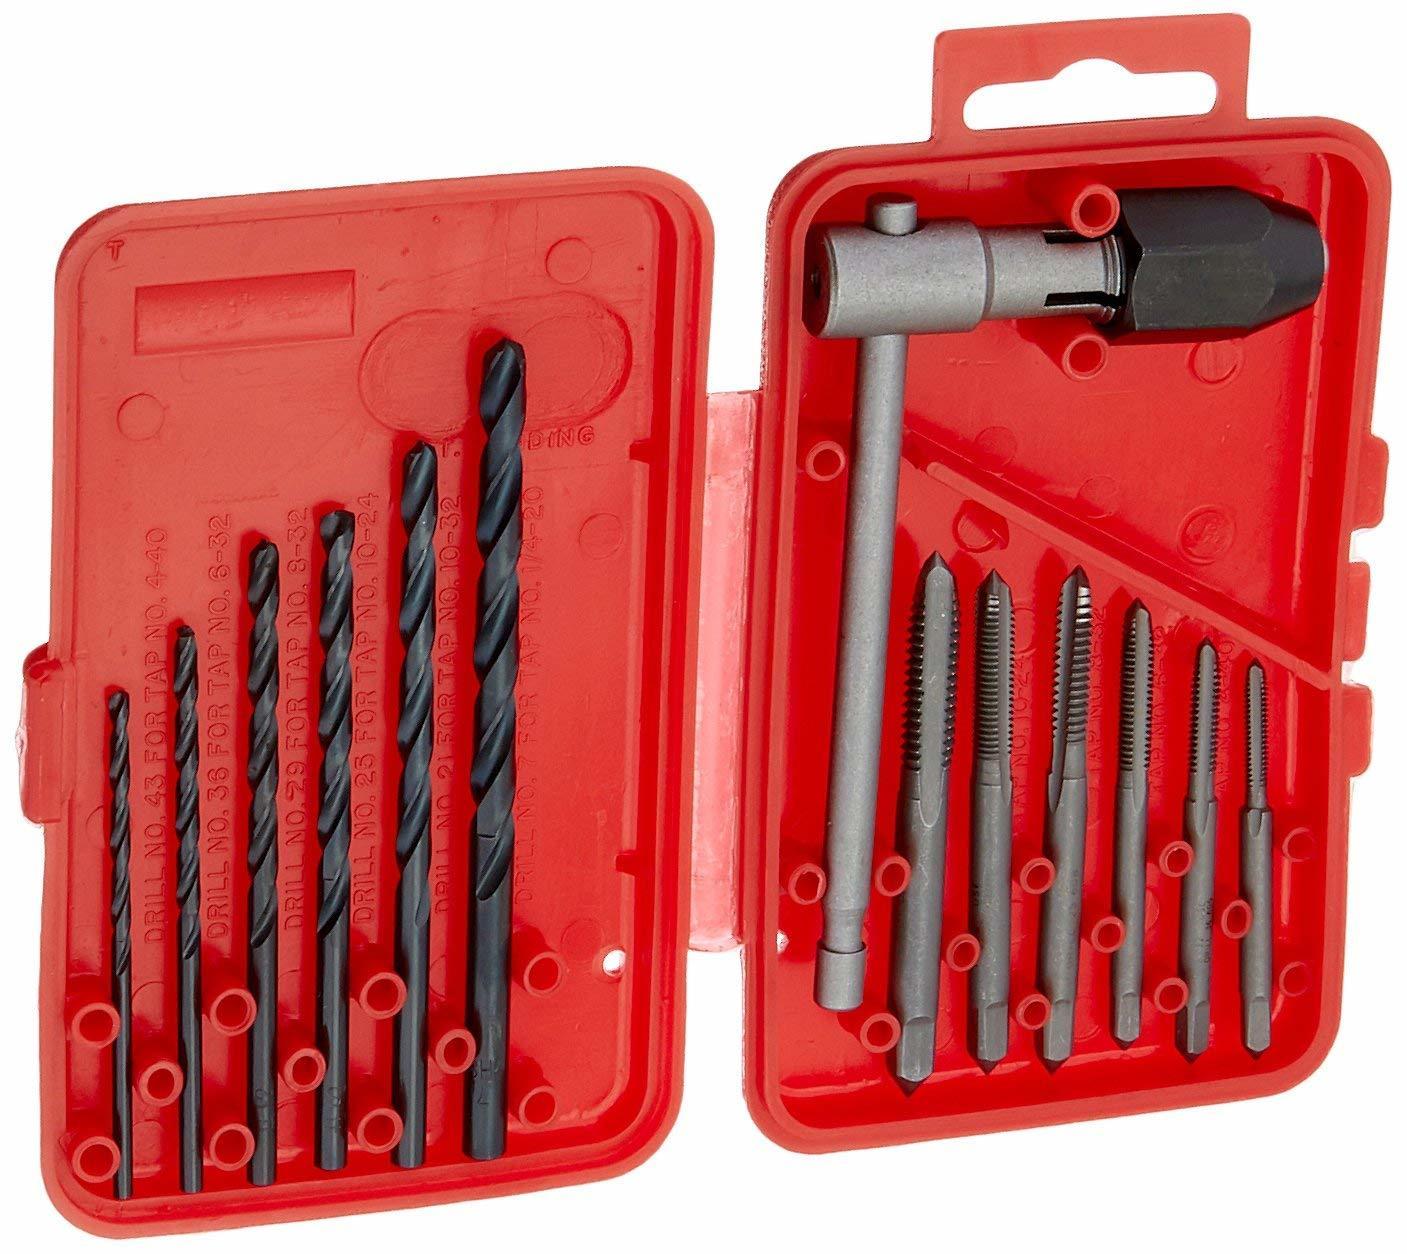 Set of 5 Preamer M35 Cobalt Spiral Grooved Industrial Step Drill Bits